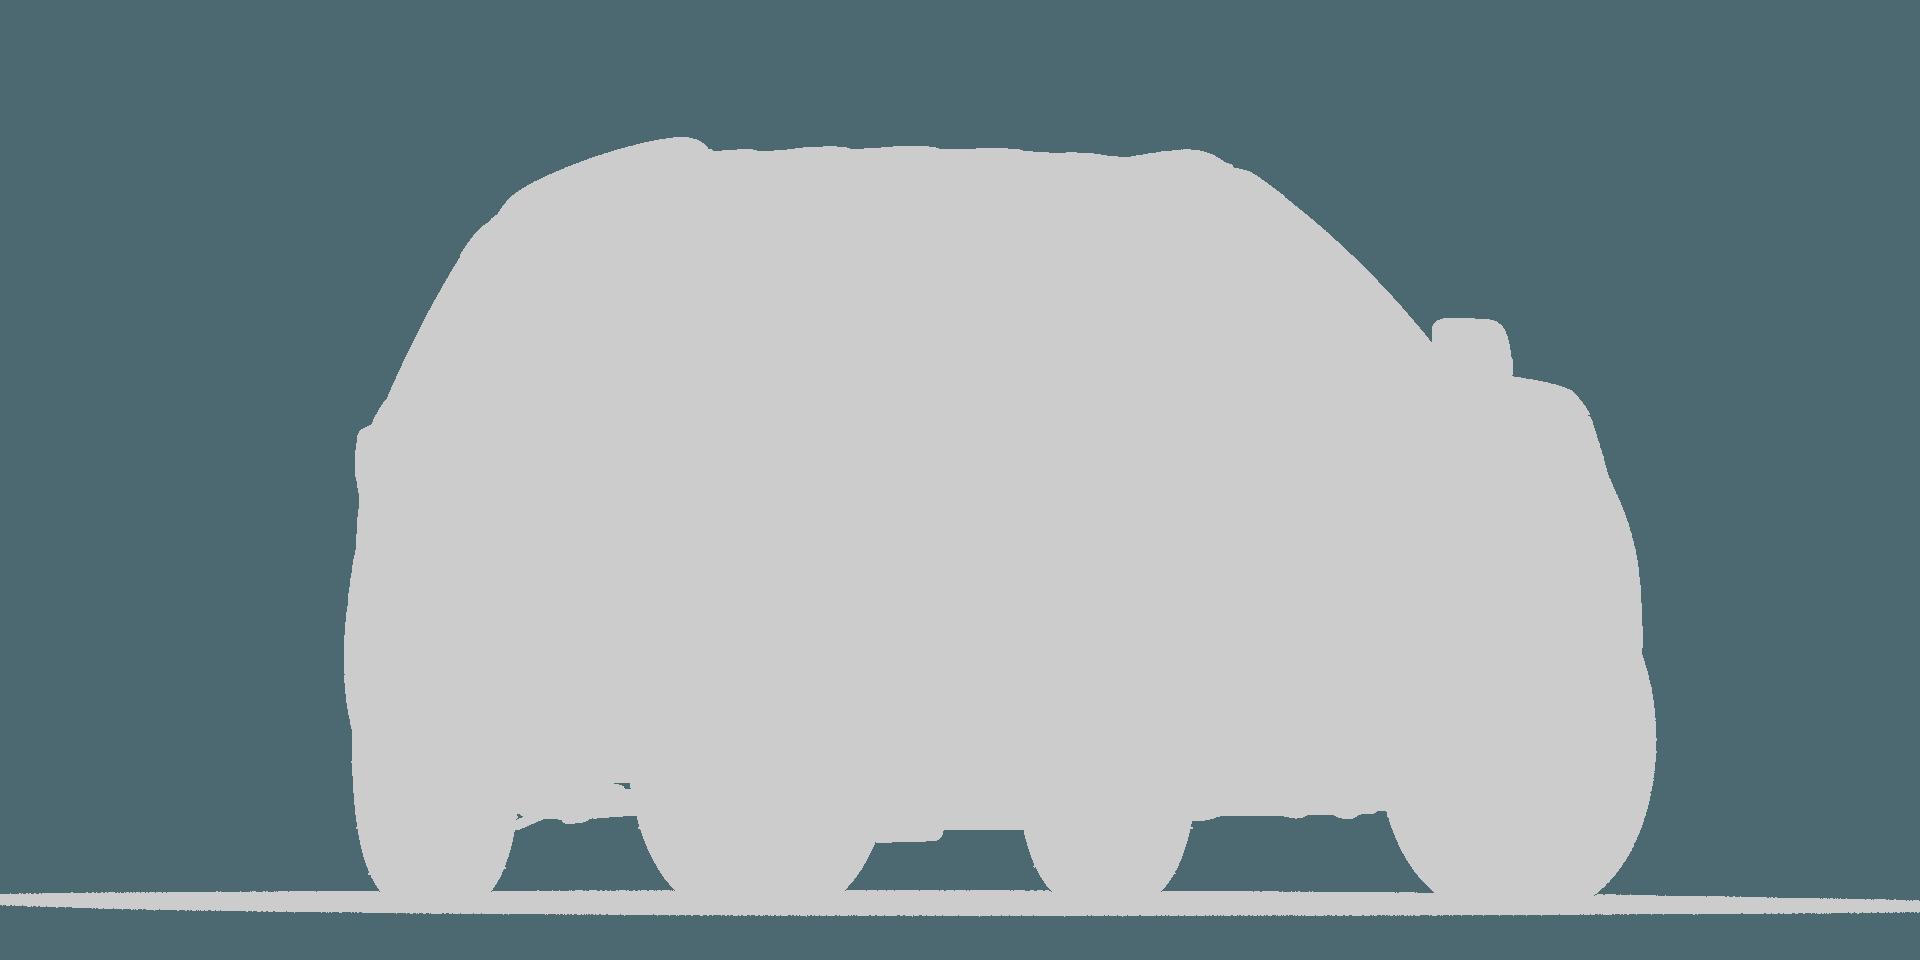 clip freeuse download Explorer clipart passenger. Transparent